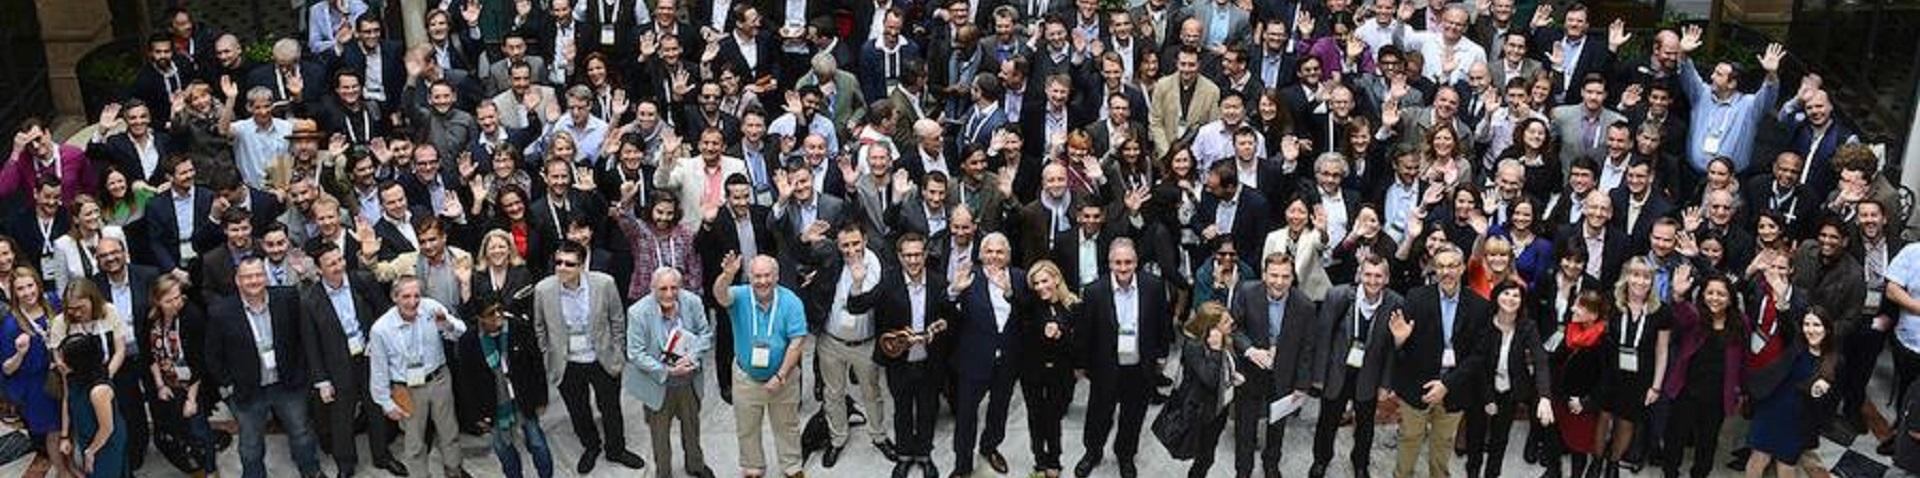 I-COM Global Summit